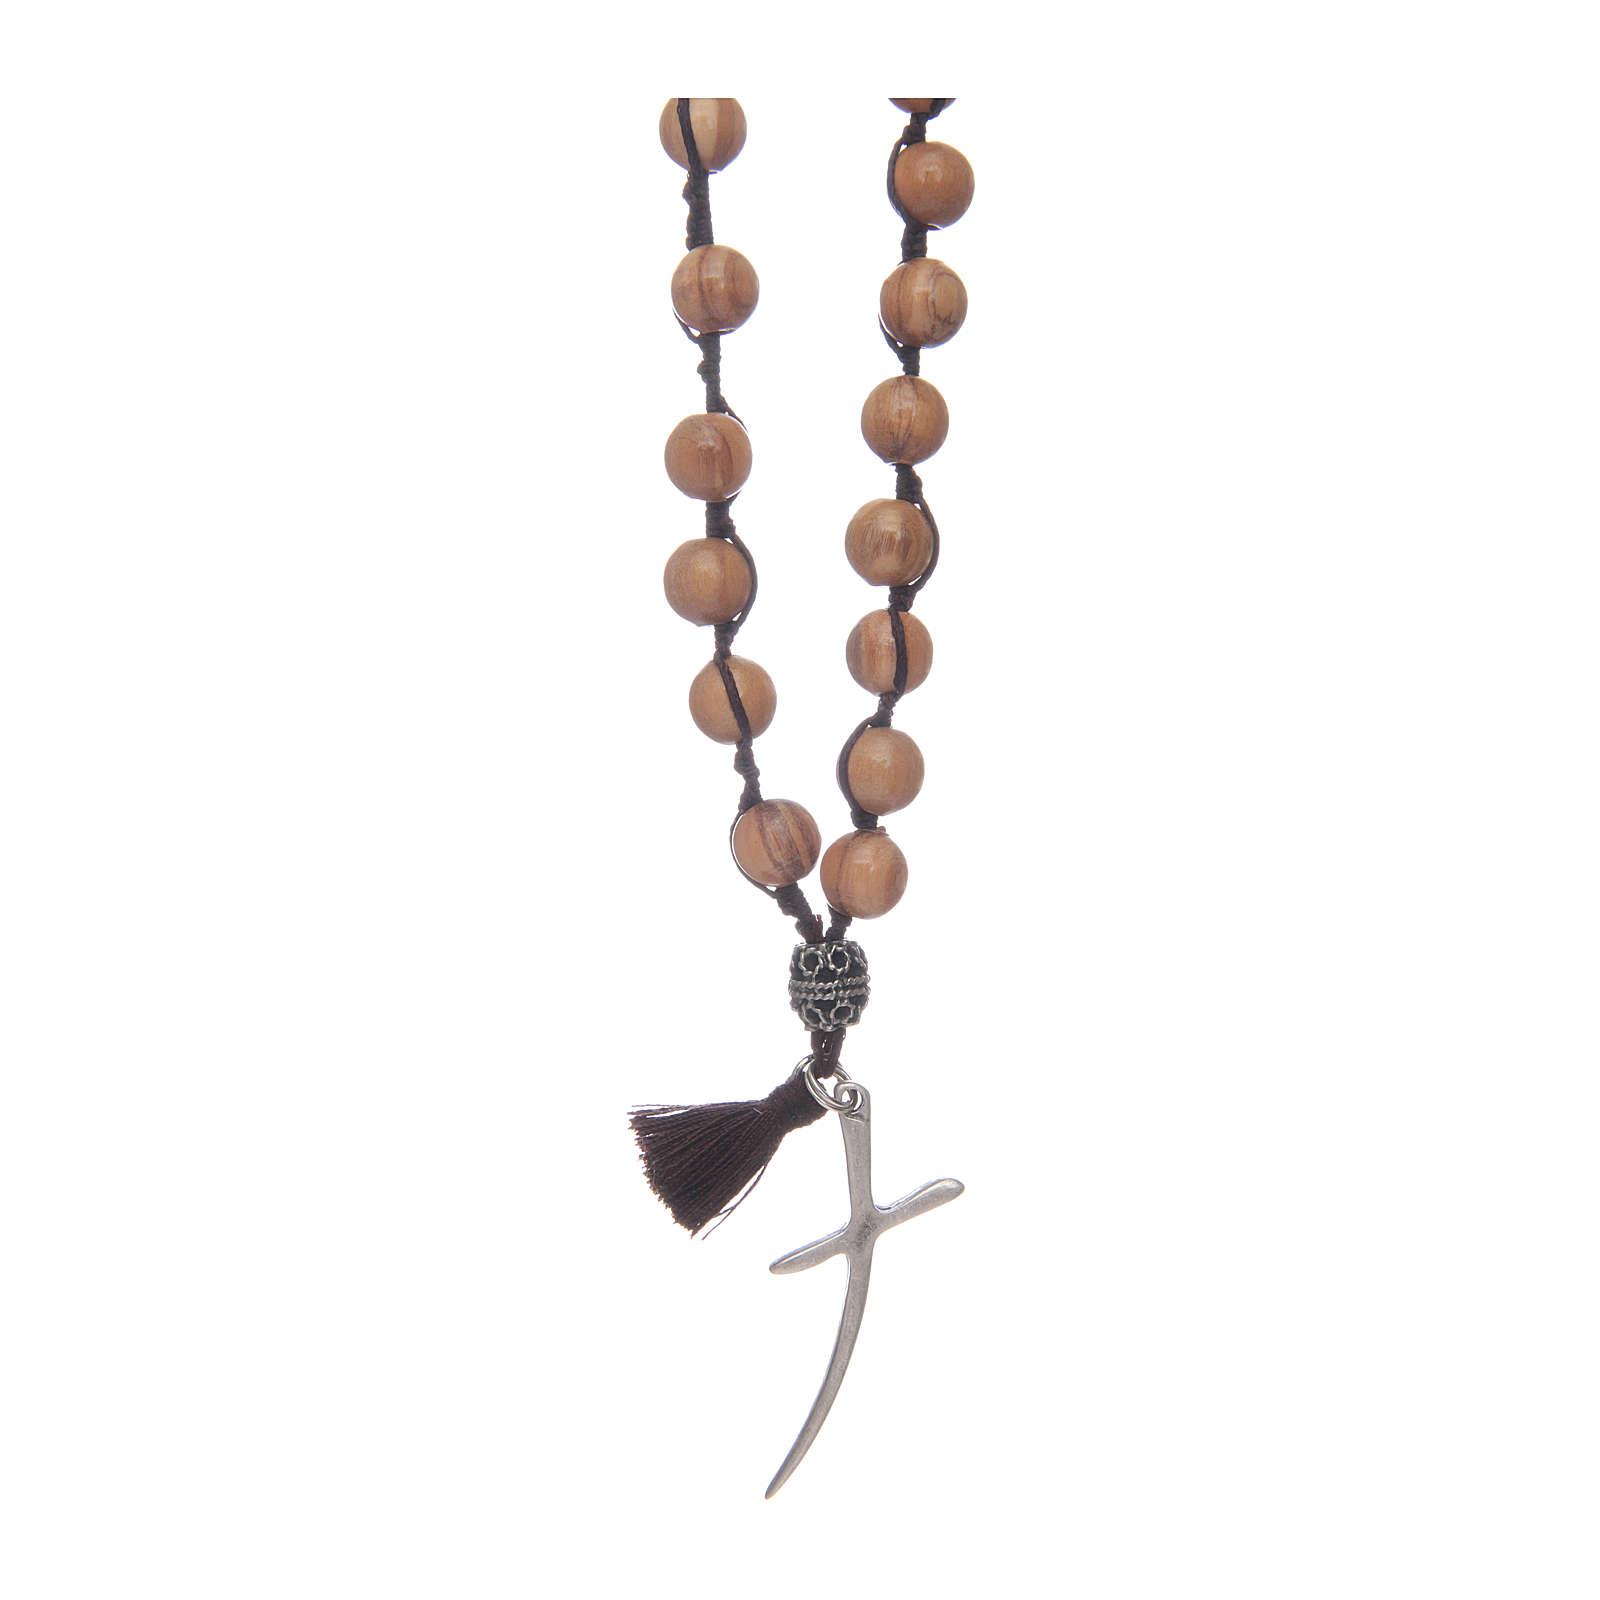 Chapelet avec grains en bois d'olivier et croix 4